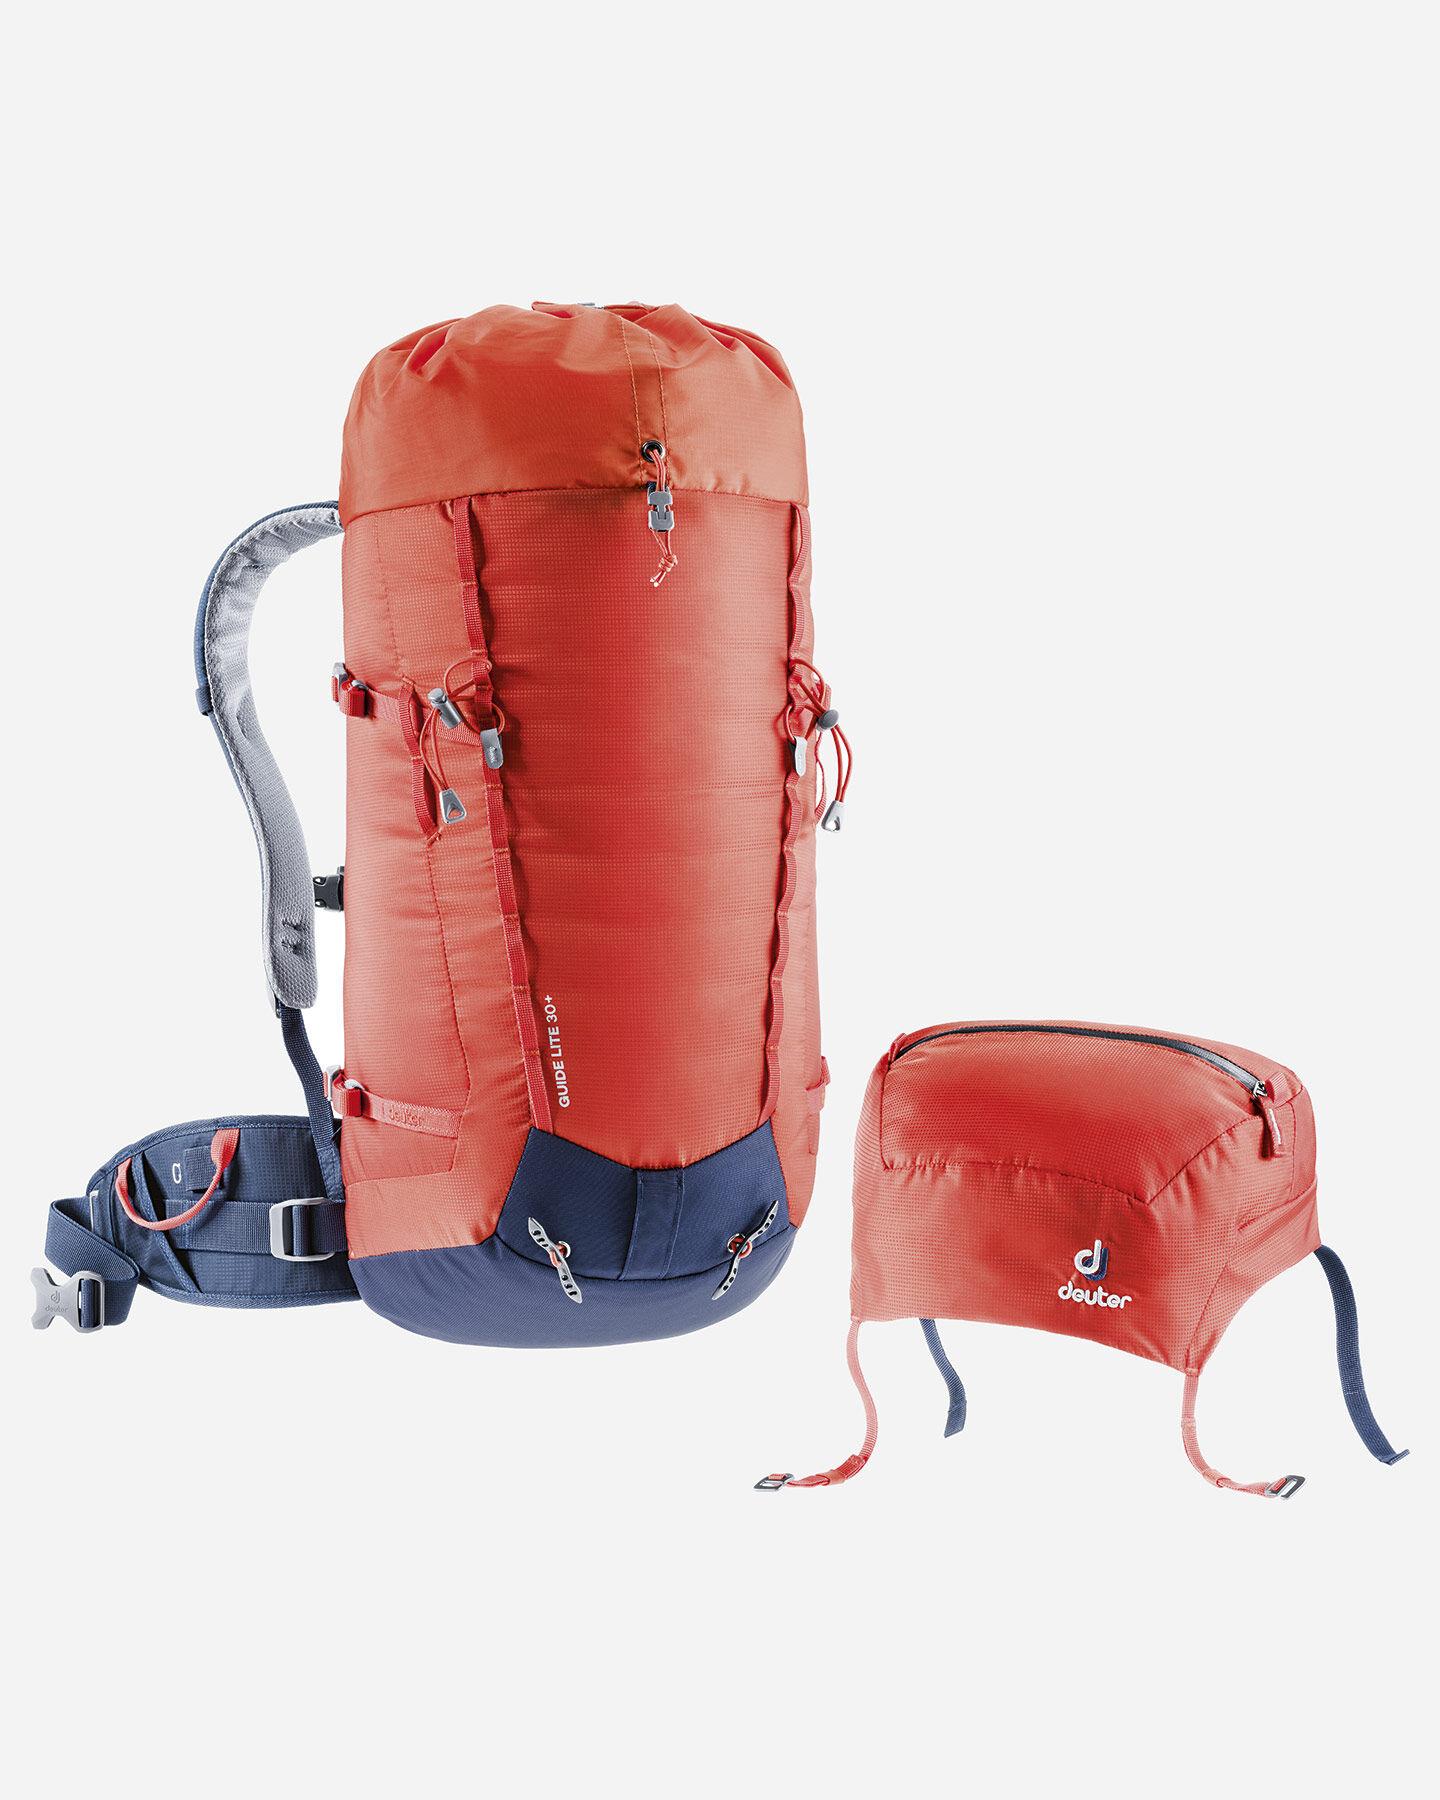 Zaino alpinismo DEUTER GUIDE LITE 30+ S4077421 9311 UNI scatto 1